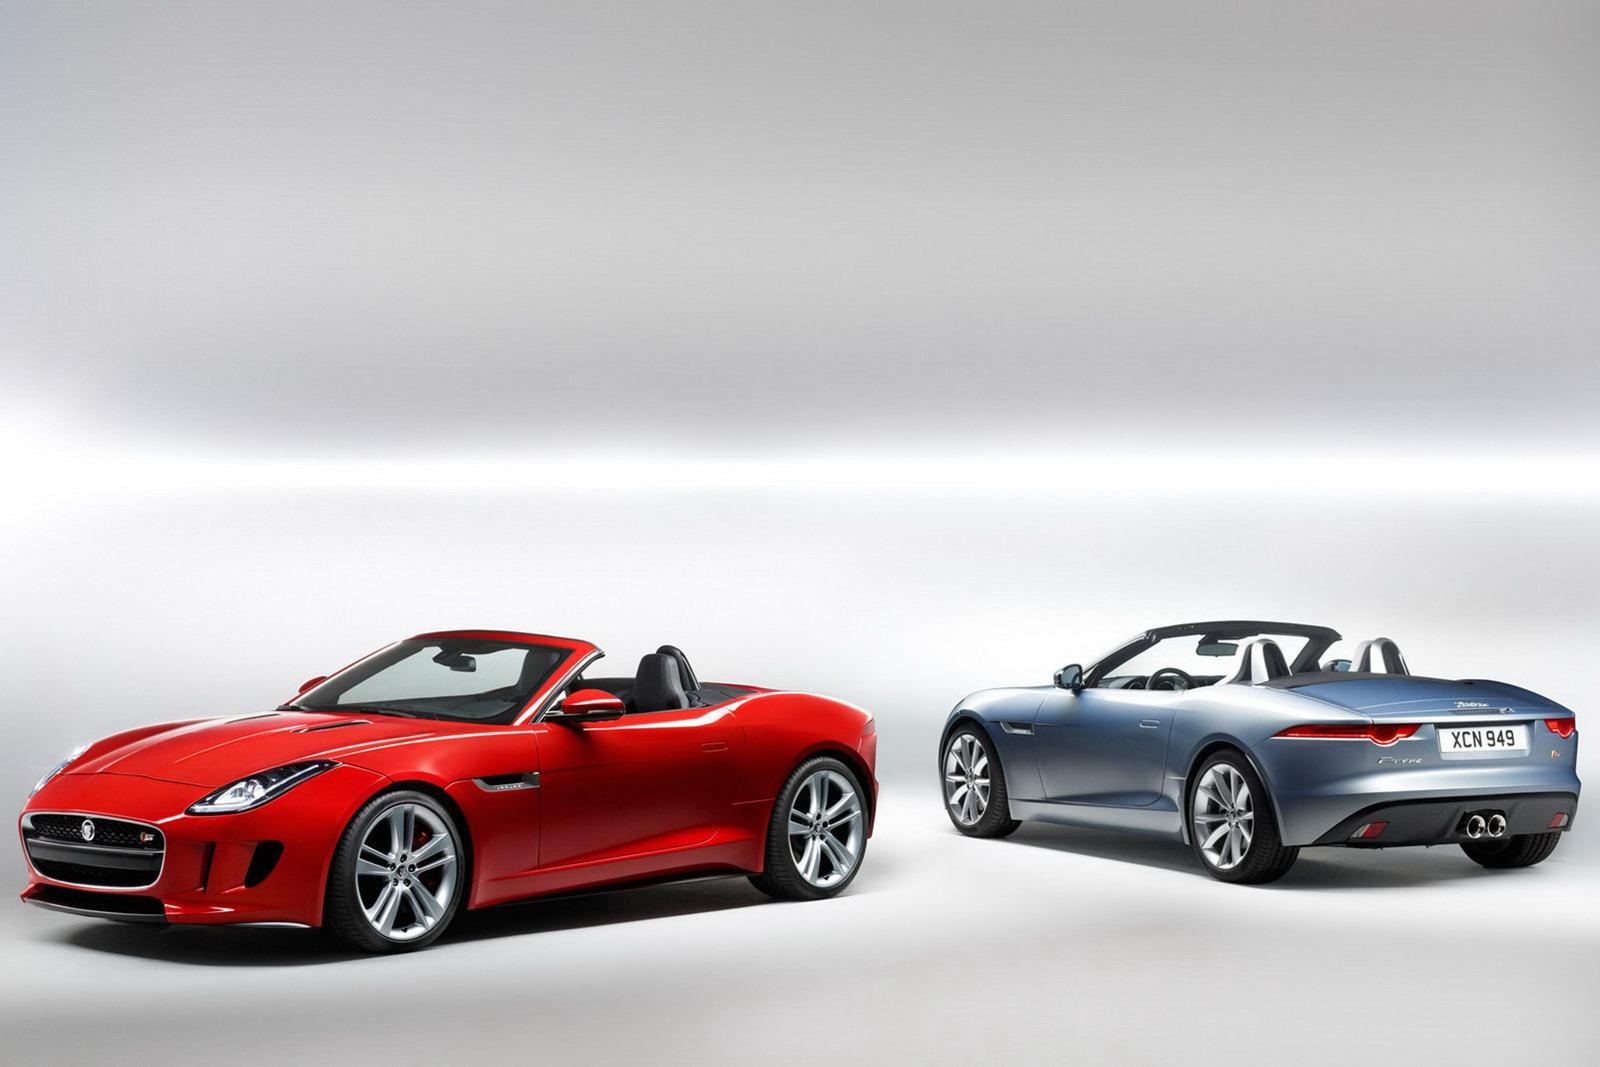 new jaguar f type roadster pictures and details video. Black Bedroom Furniture Sets. Home Design Ideas